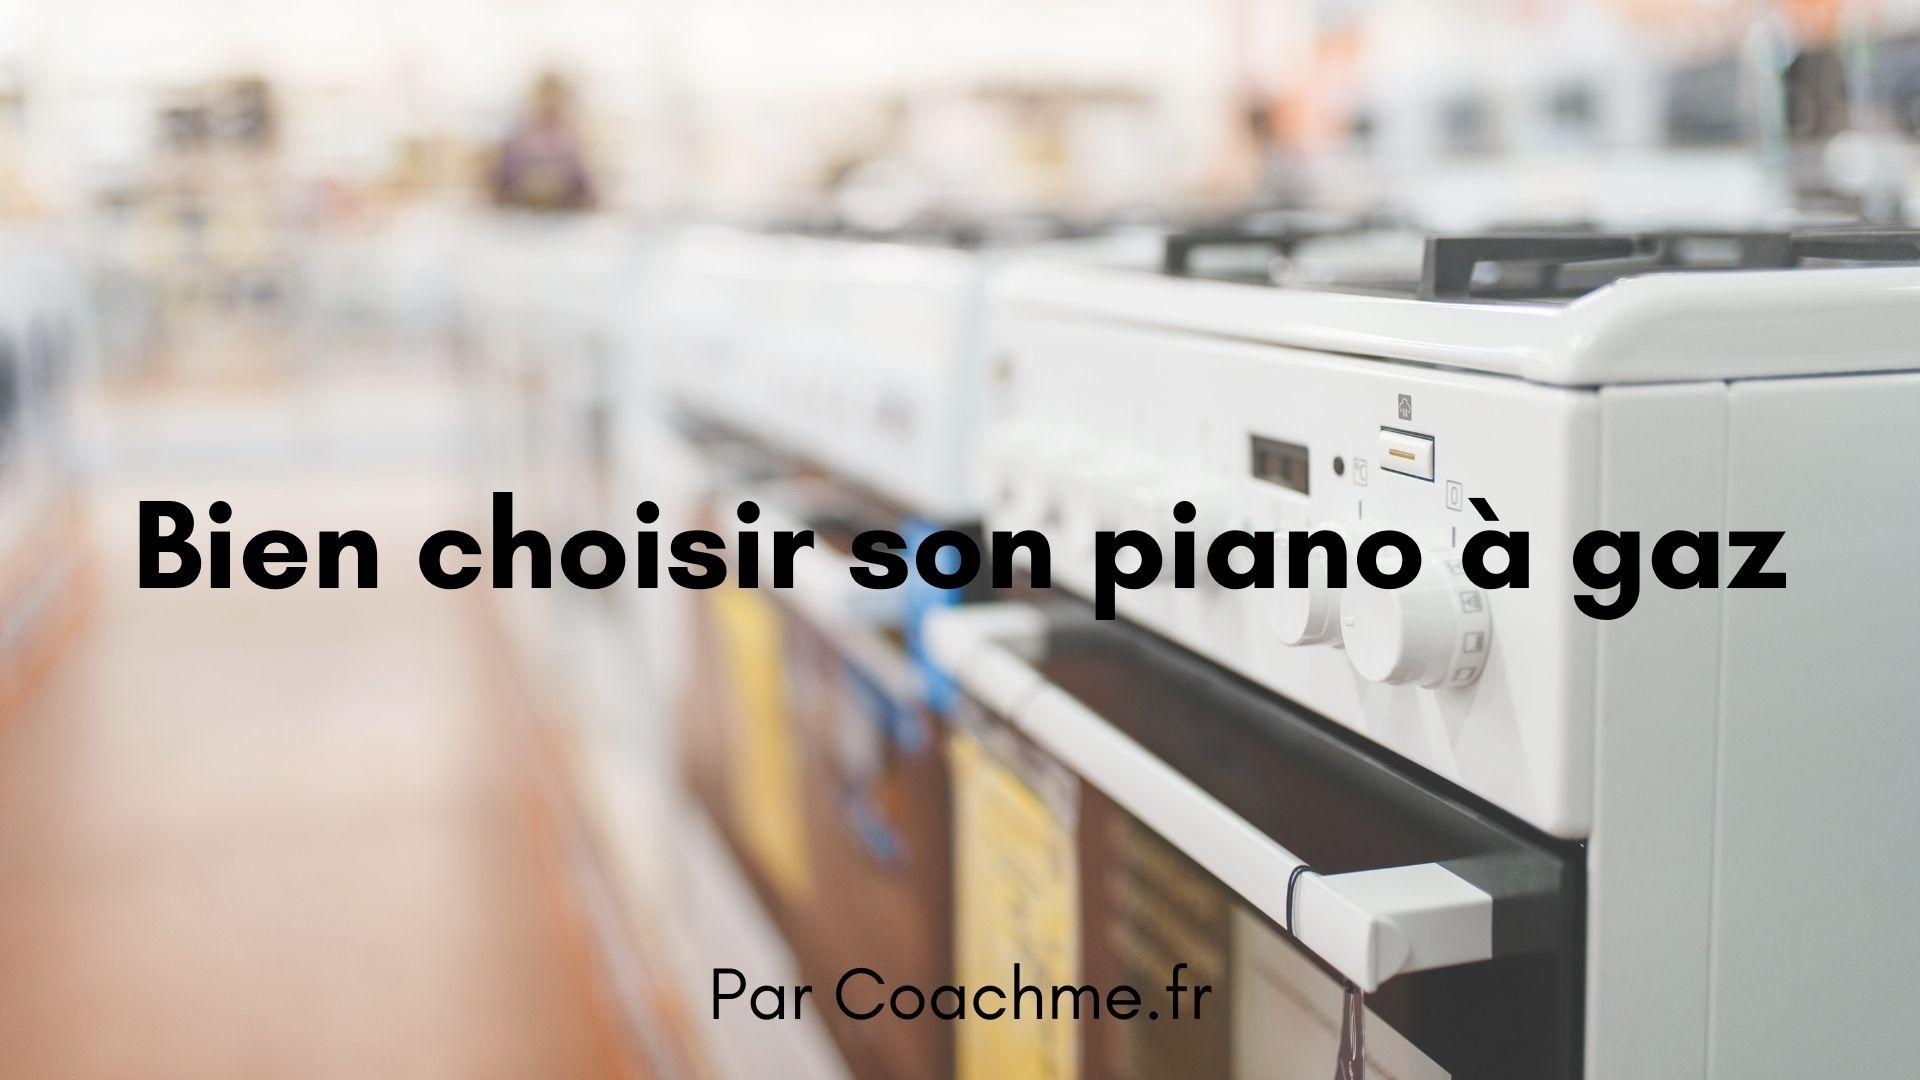 cuisinière piano gaz